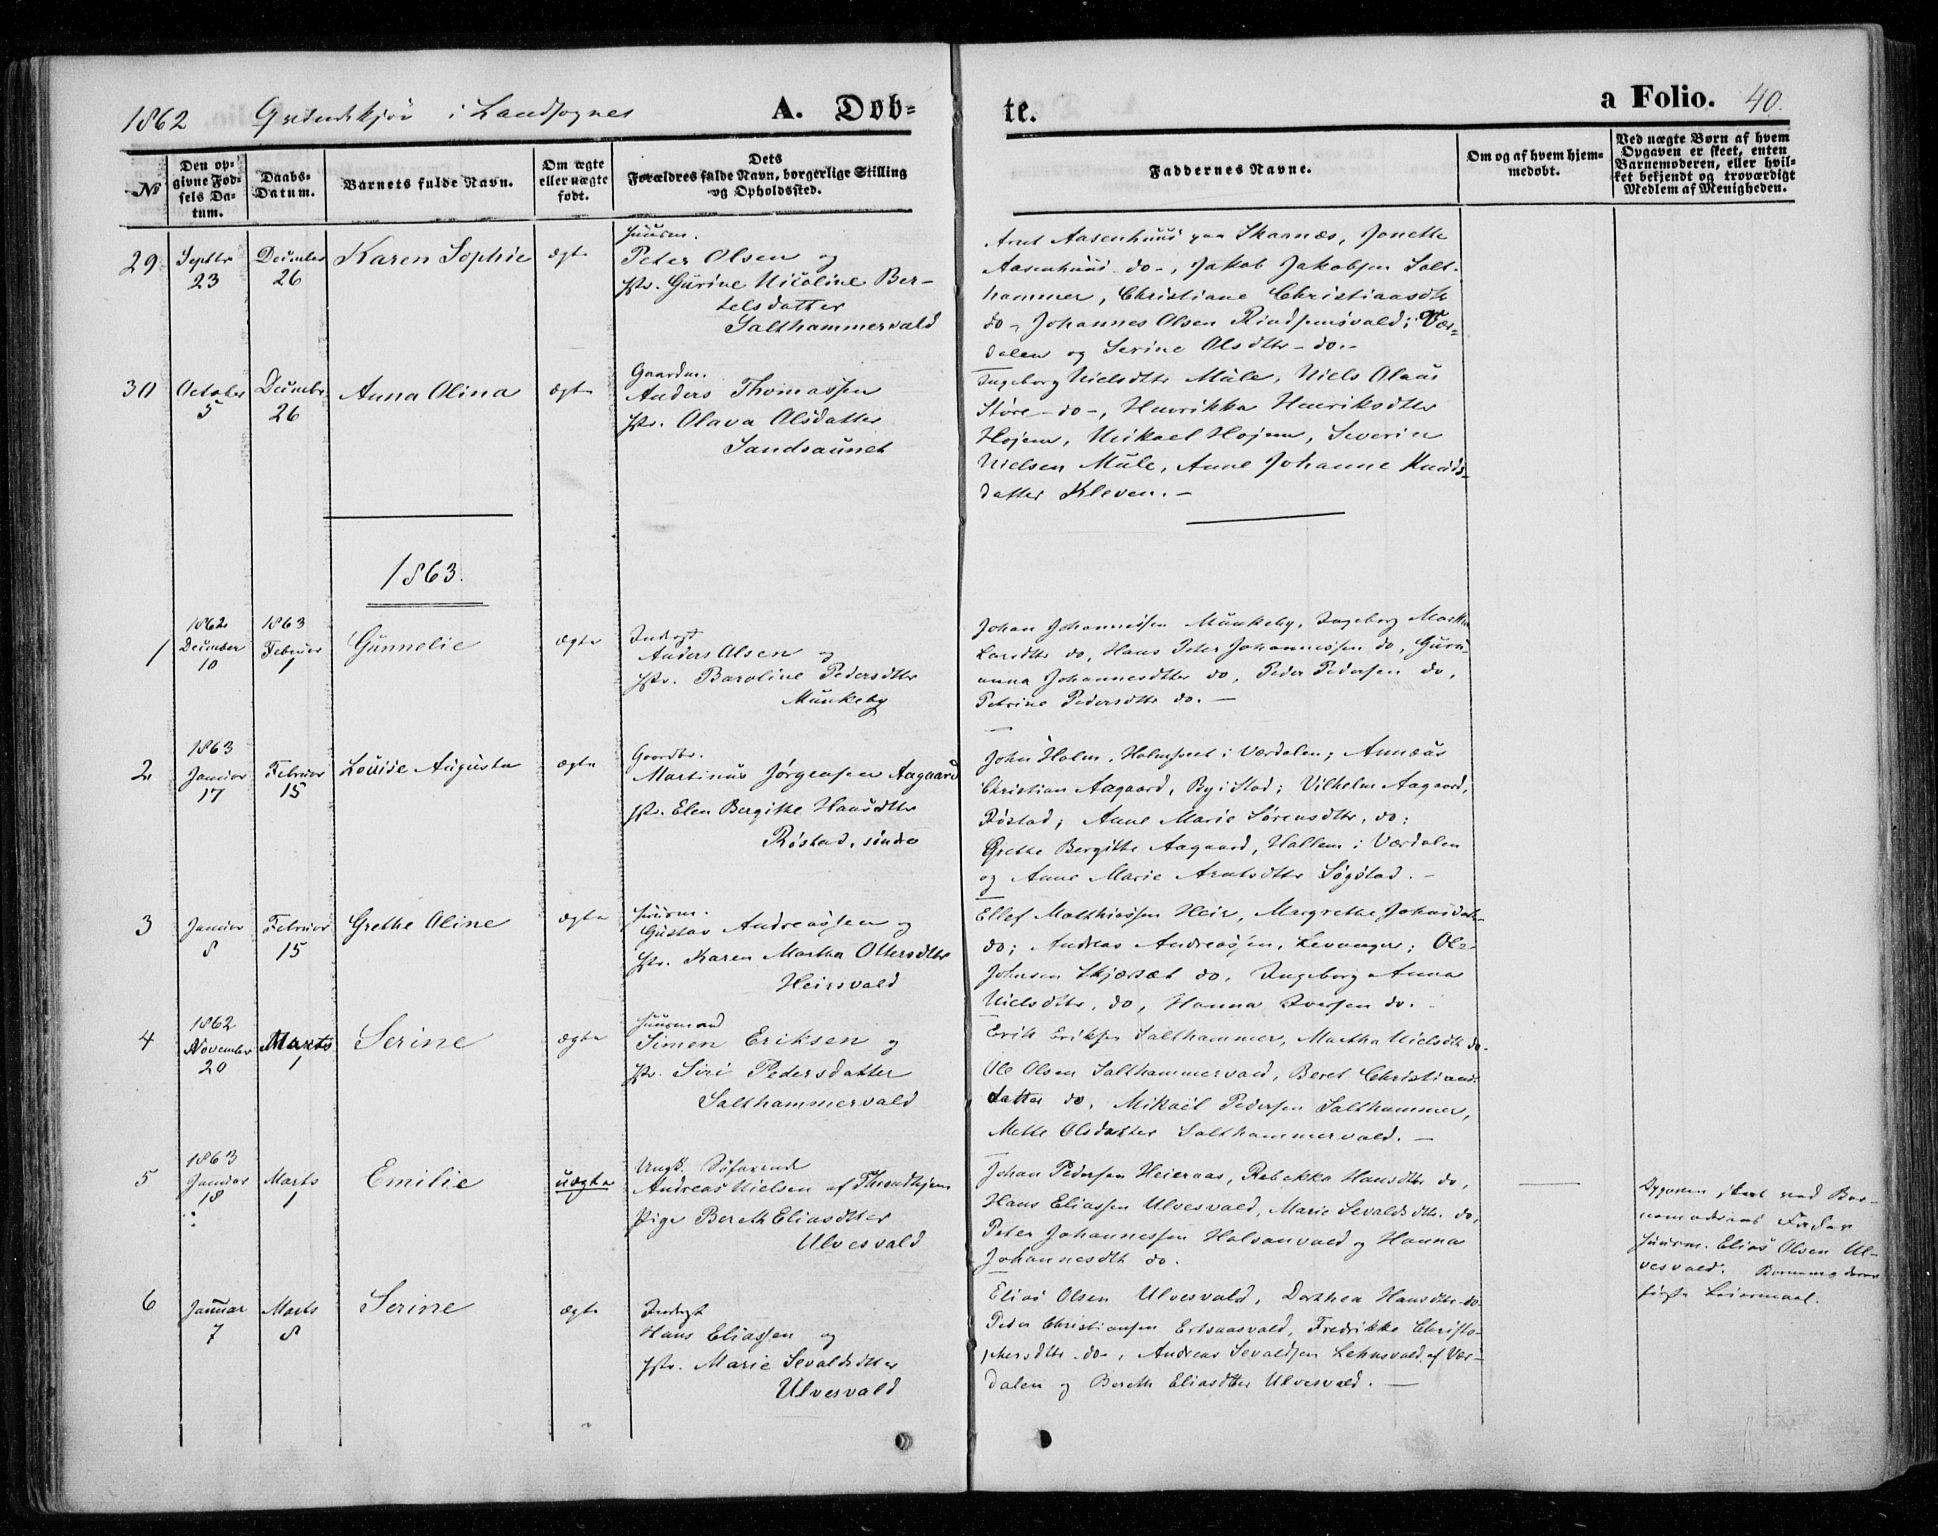 SAT, Ministerialprotokoller, klokkerbøker og fødselsregistre - Nord-Trøndelag, 720/L0184: Ministerialbok nr. 720A02 /2, 1855-1863, s. 40